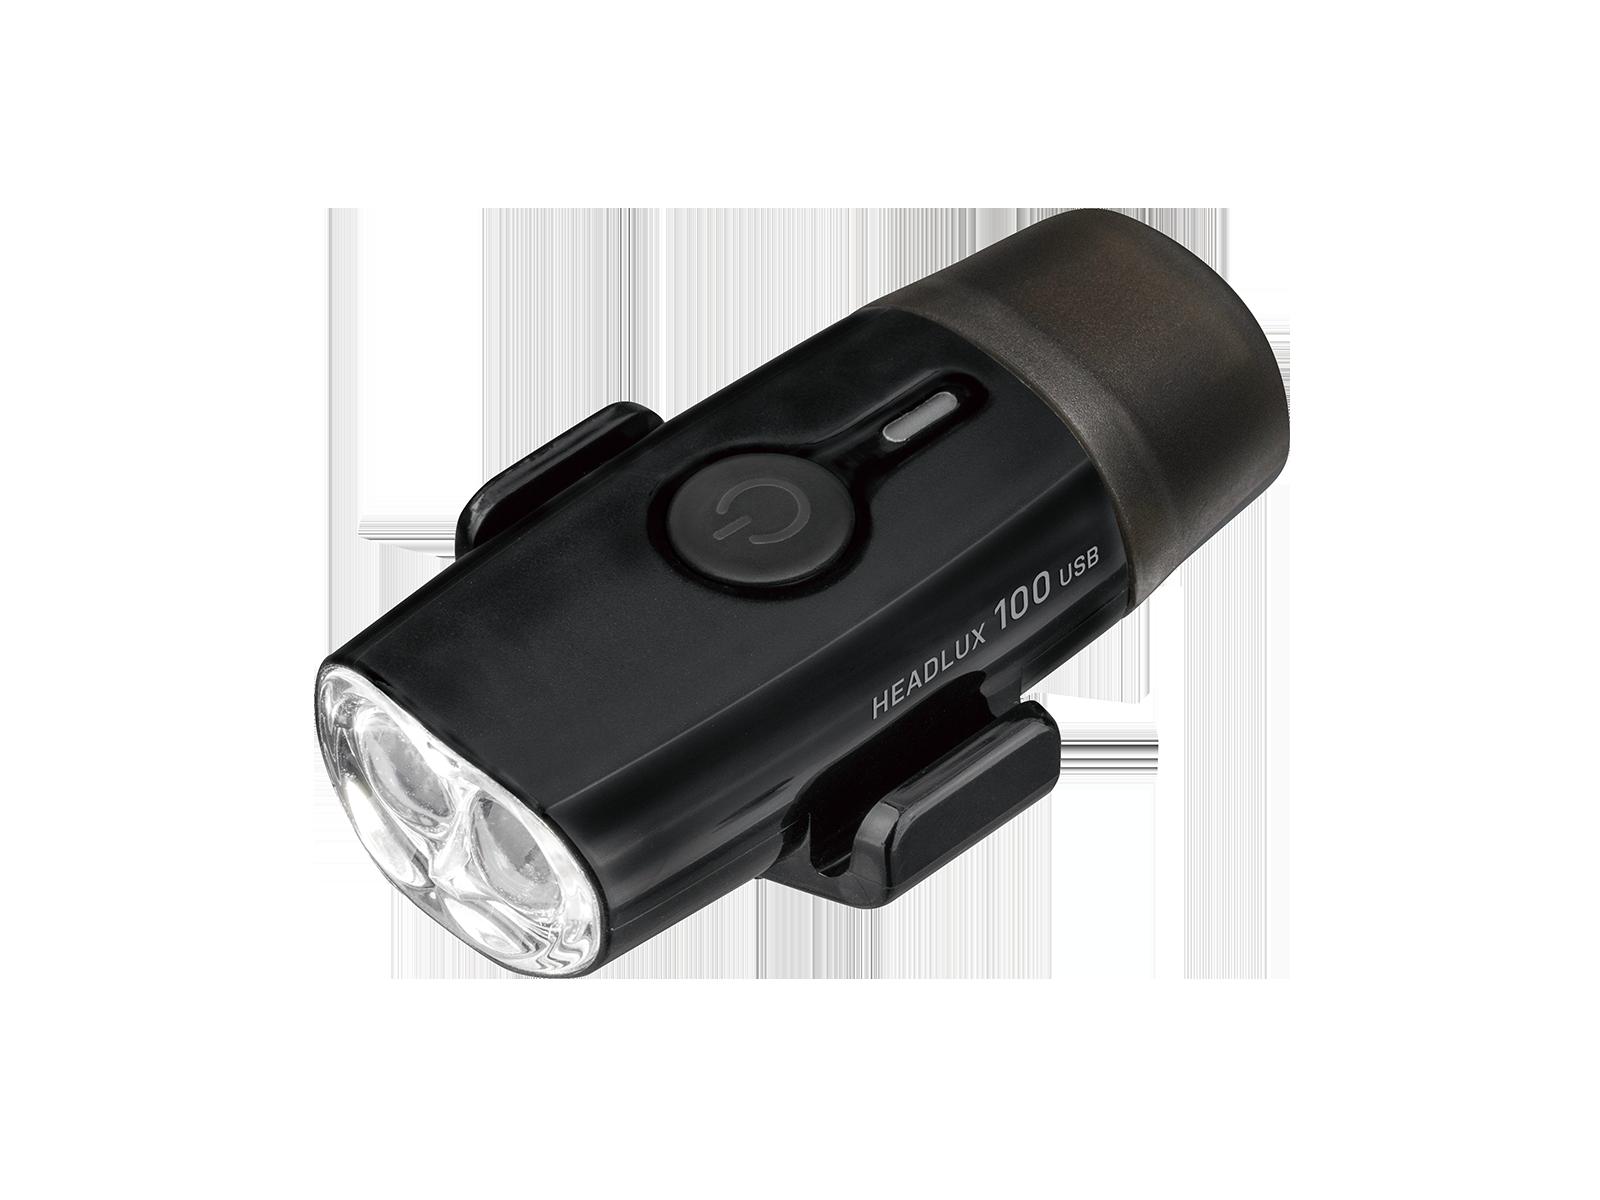 HEADLUX 100 USB | Topeak